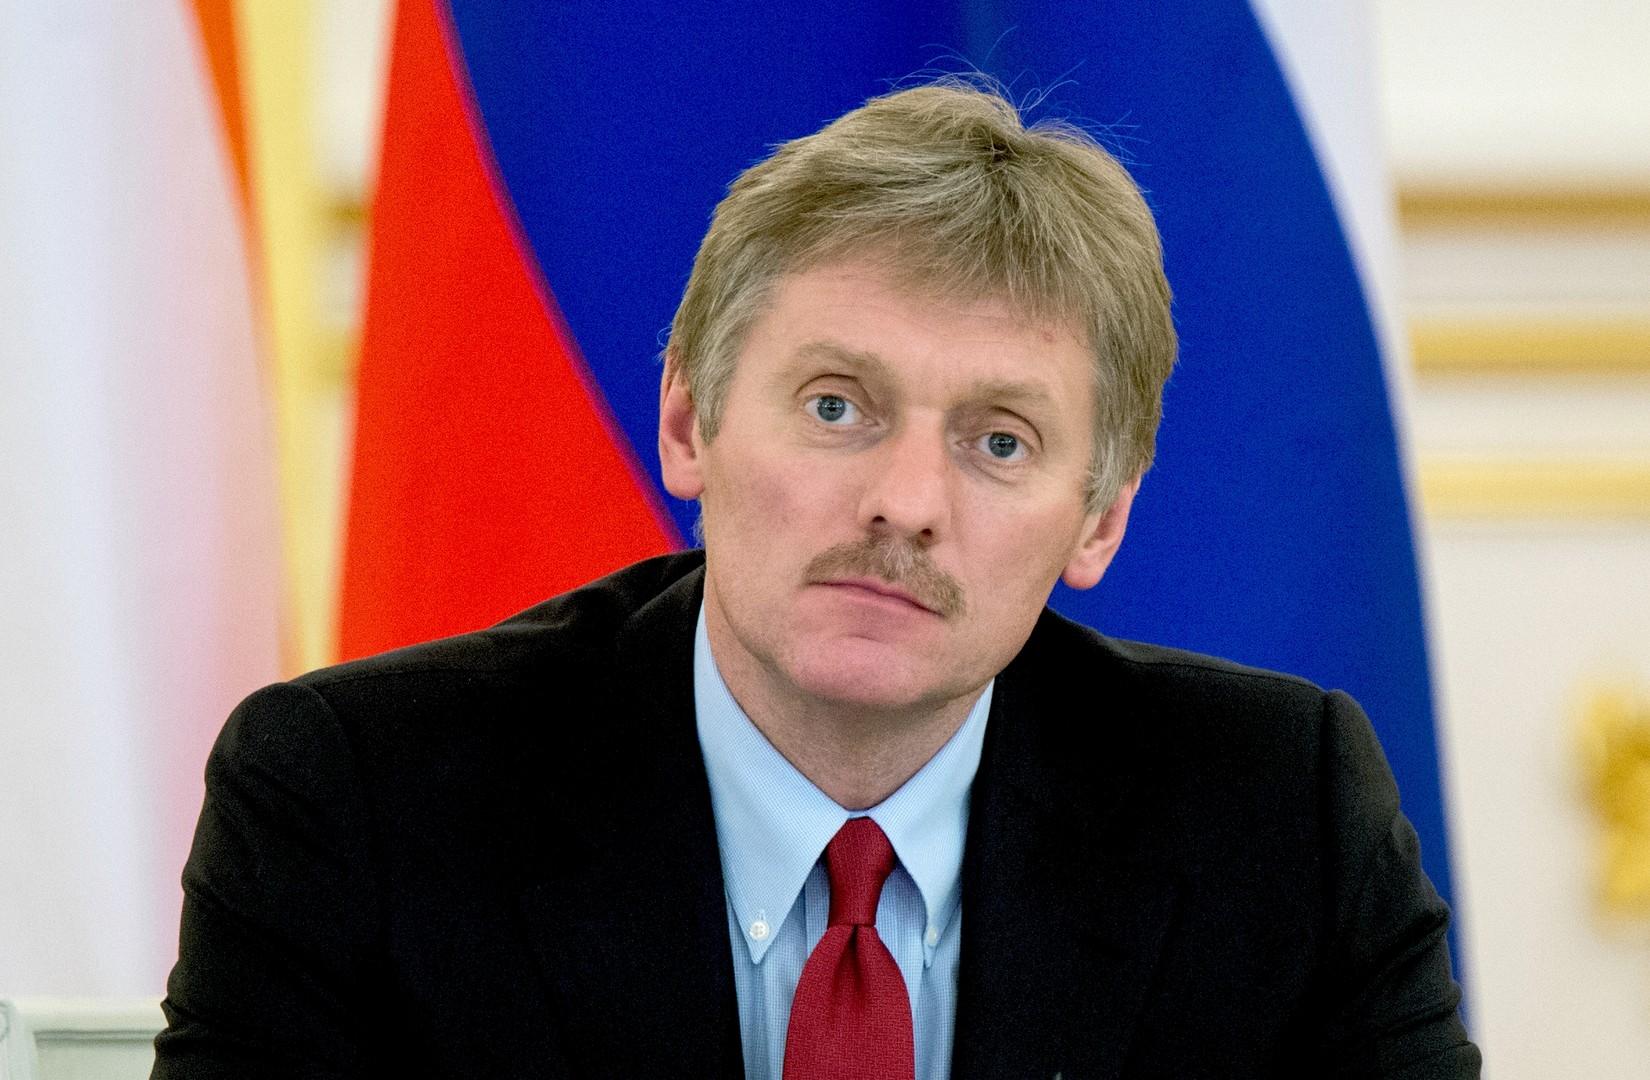 Pressesprecher des russischen Präsidenten, Dimitri Peskow